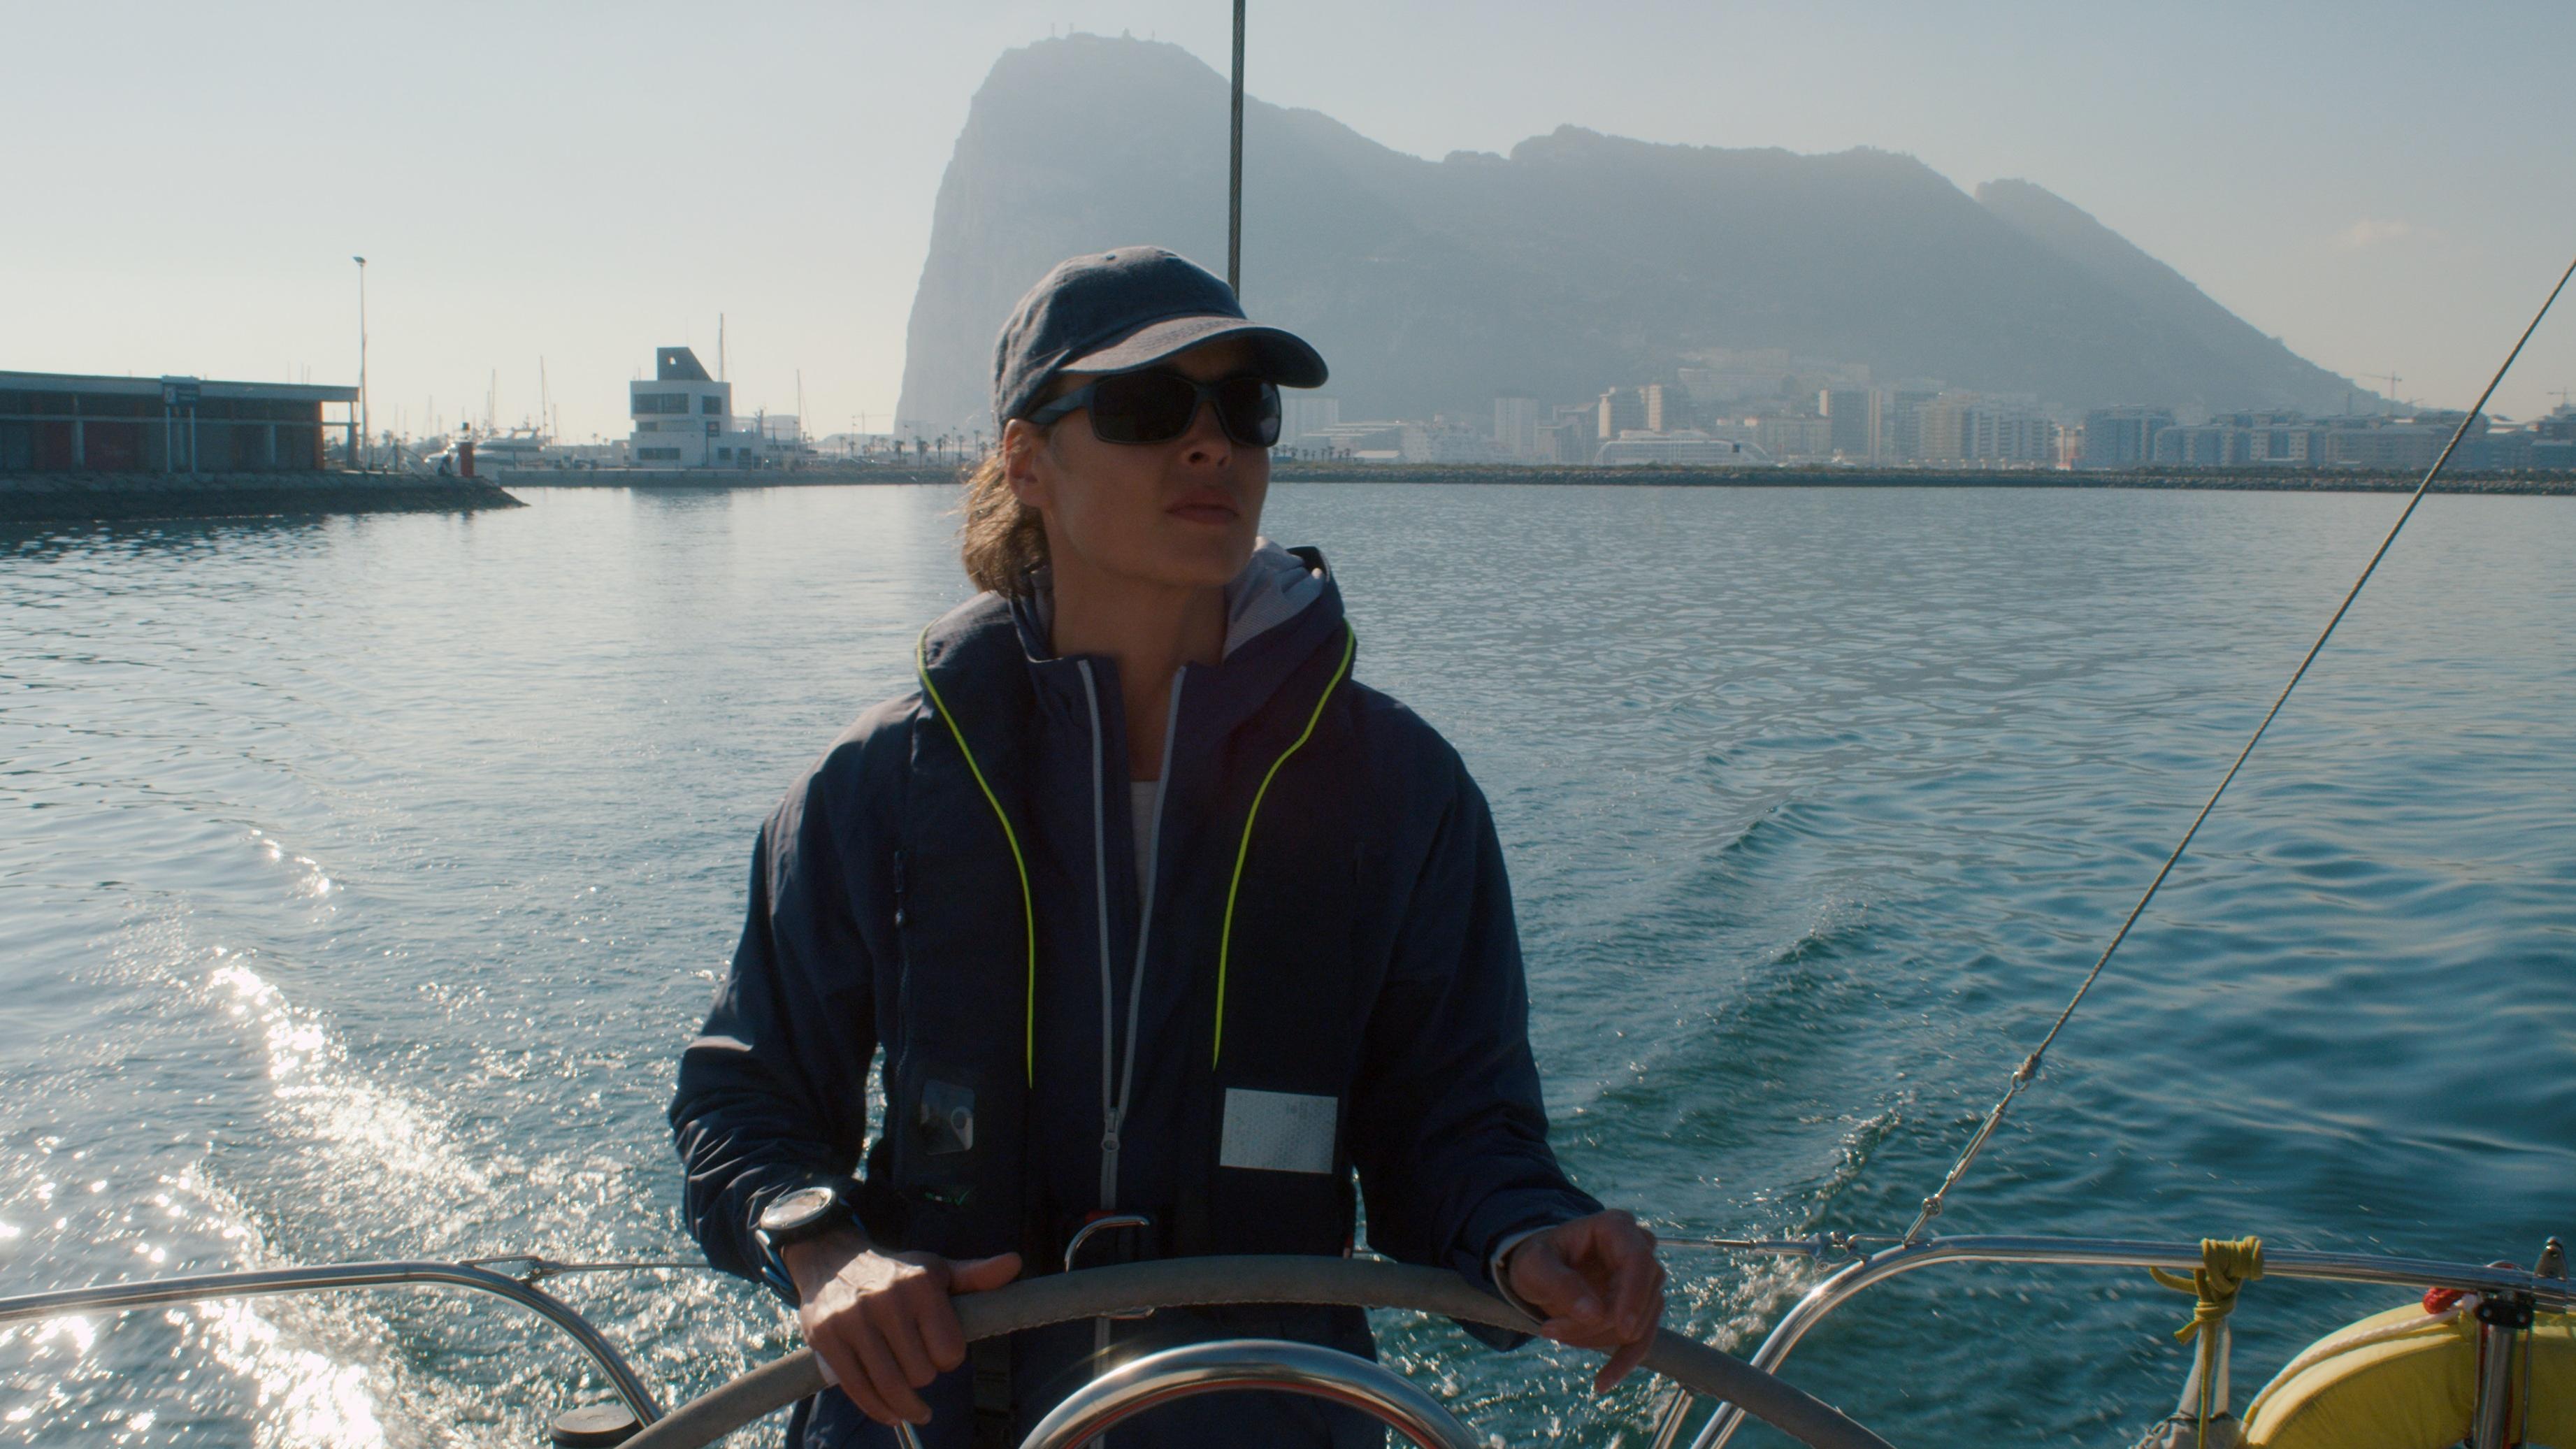 """Eine Frau fährt mit einem Boot raus auf das Meer, im Hintergrund der Berg von Gibraltar, Filmstill aus """"Styx""""."""